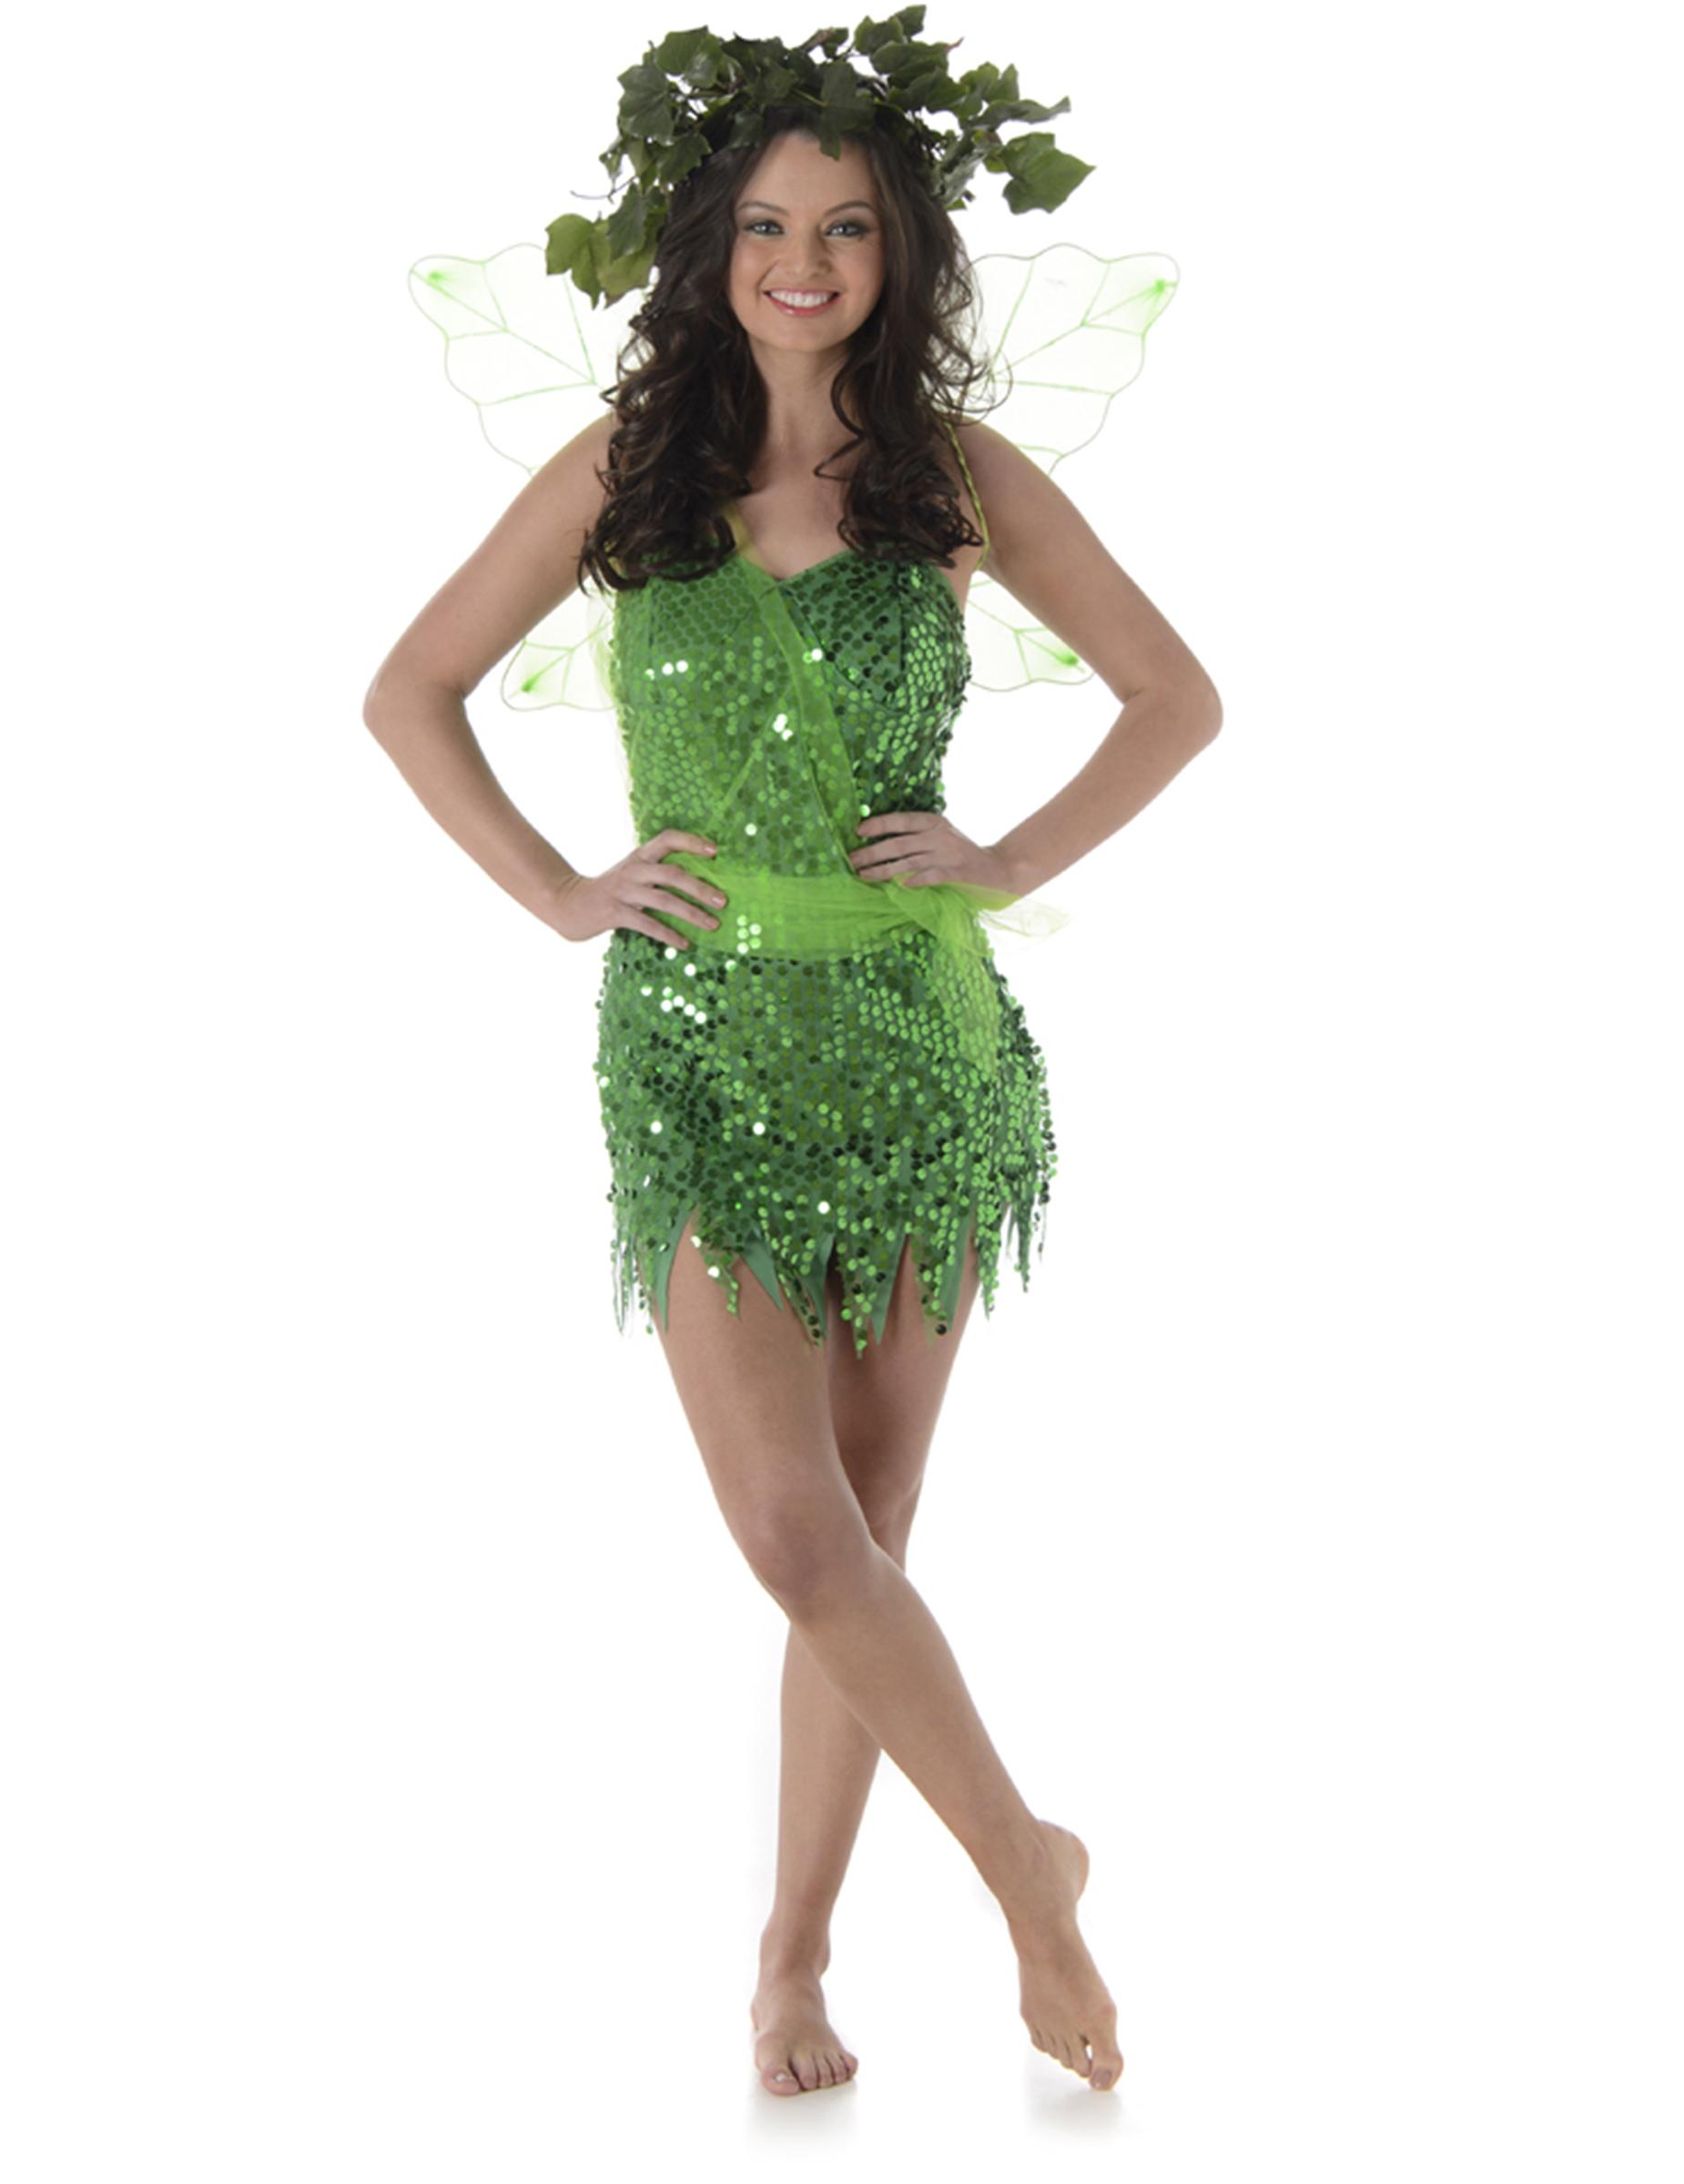 Costumi da fata adulti a prezzi unici - Vegaoo.it 79a12aa496d